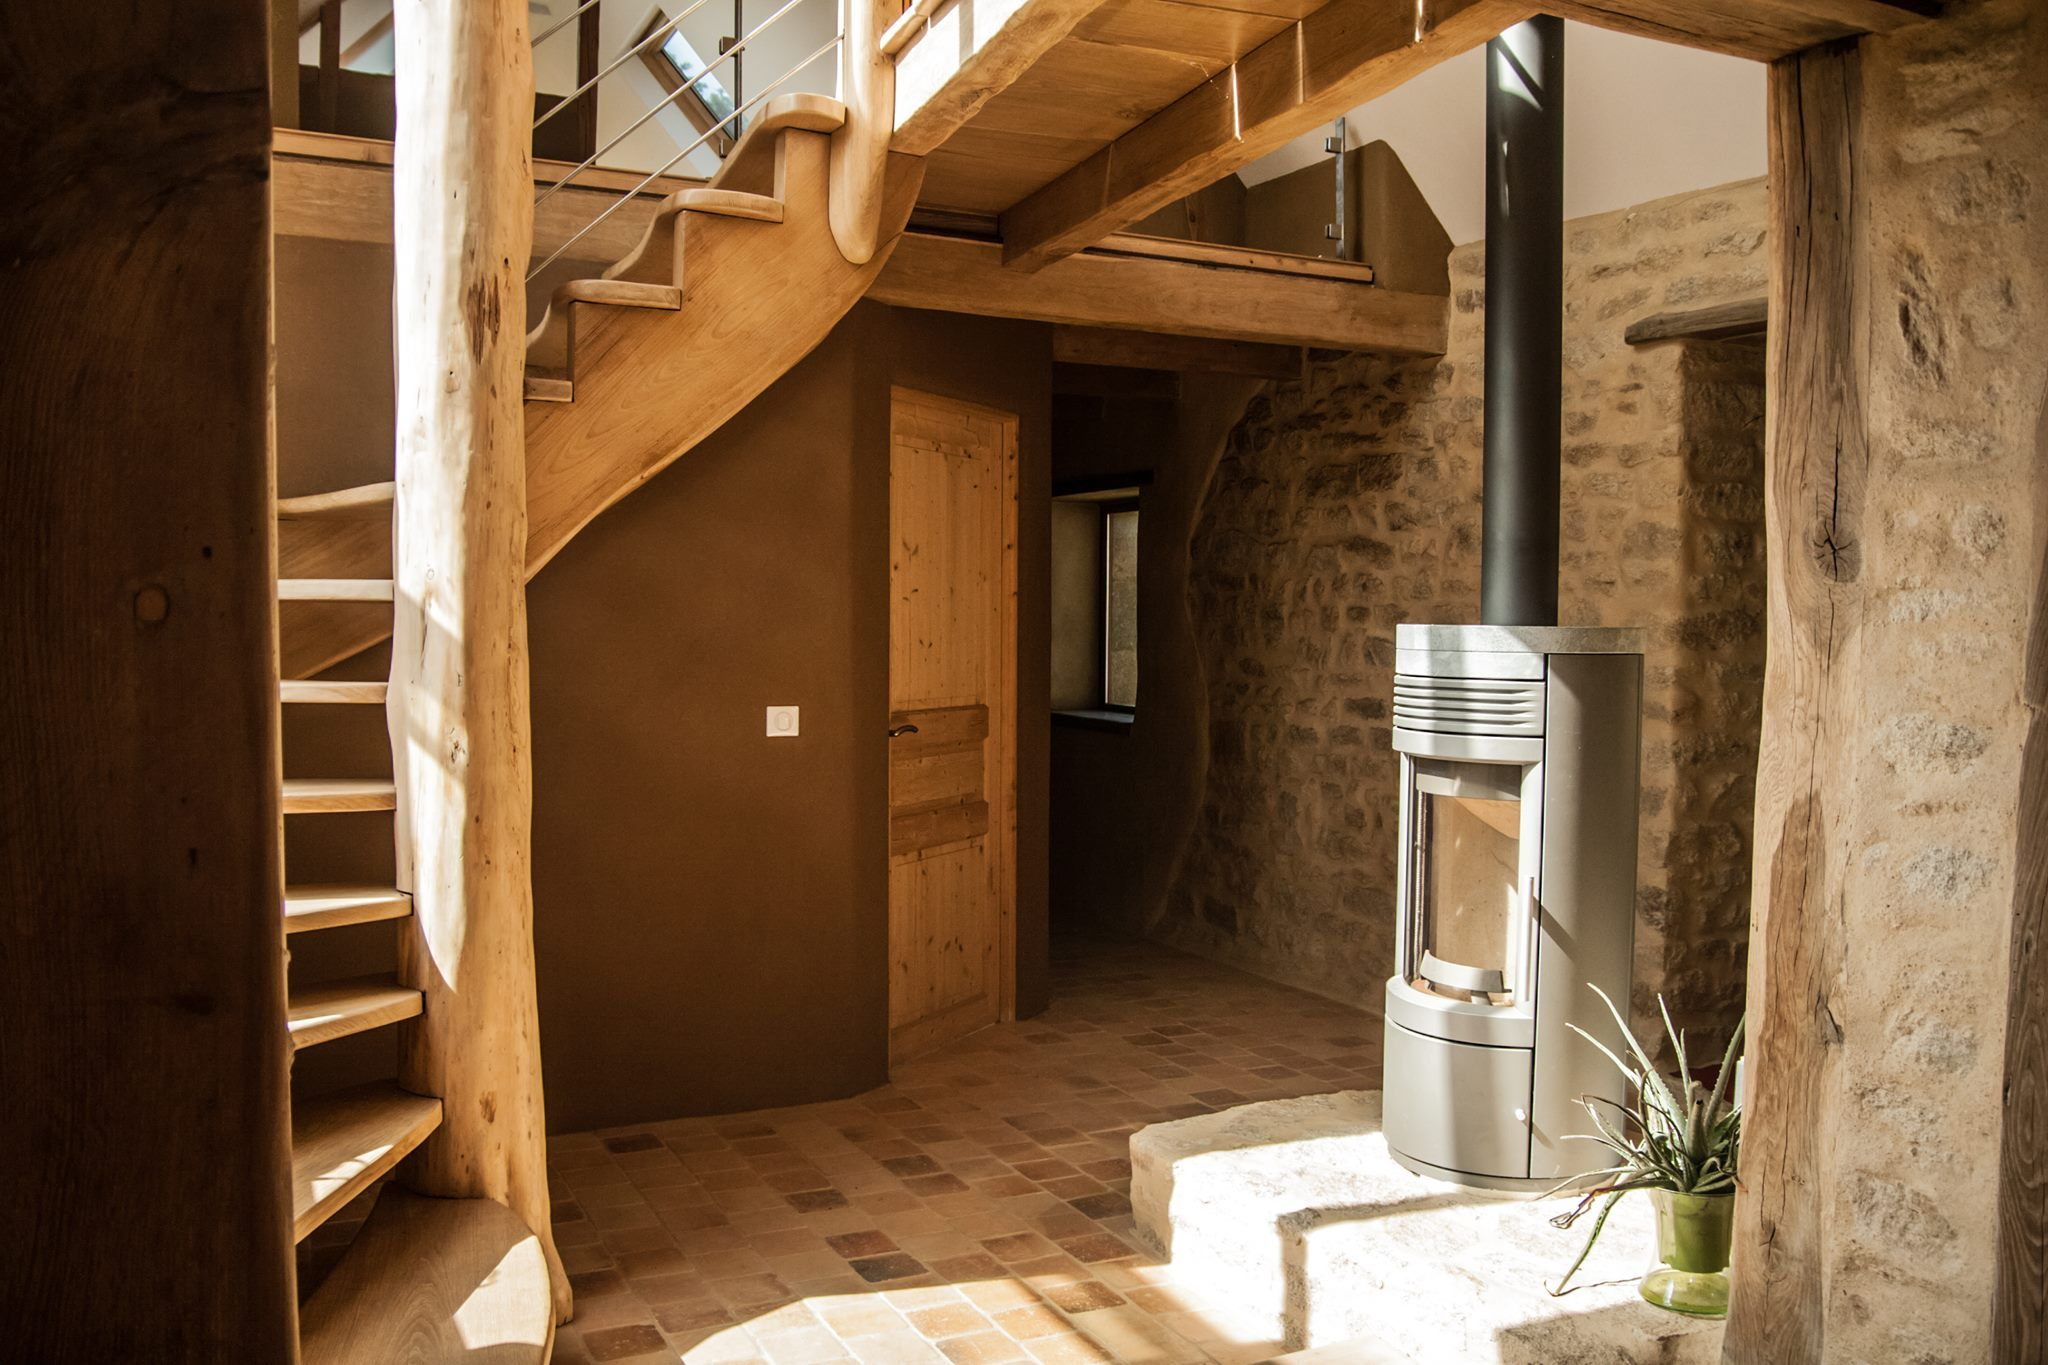 maison pierre tomette enduit terre chaux et escalier organique entreprise cfc menuiserie. Black Bedroom Furniture Sets. Home Design Ideas